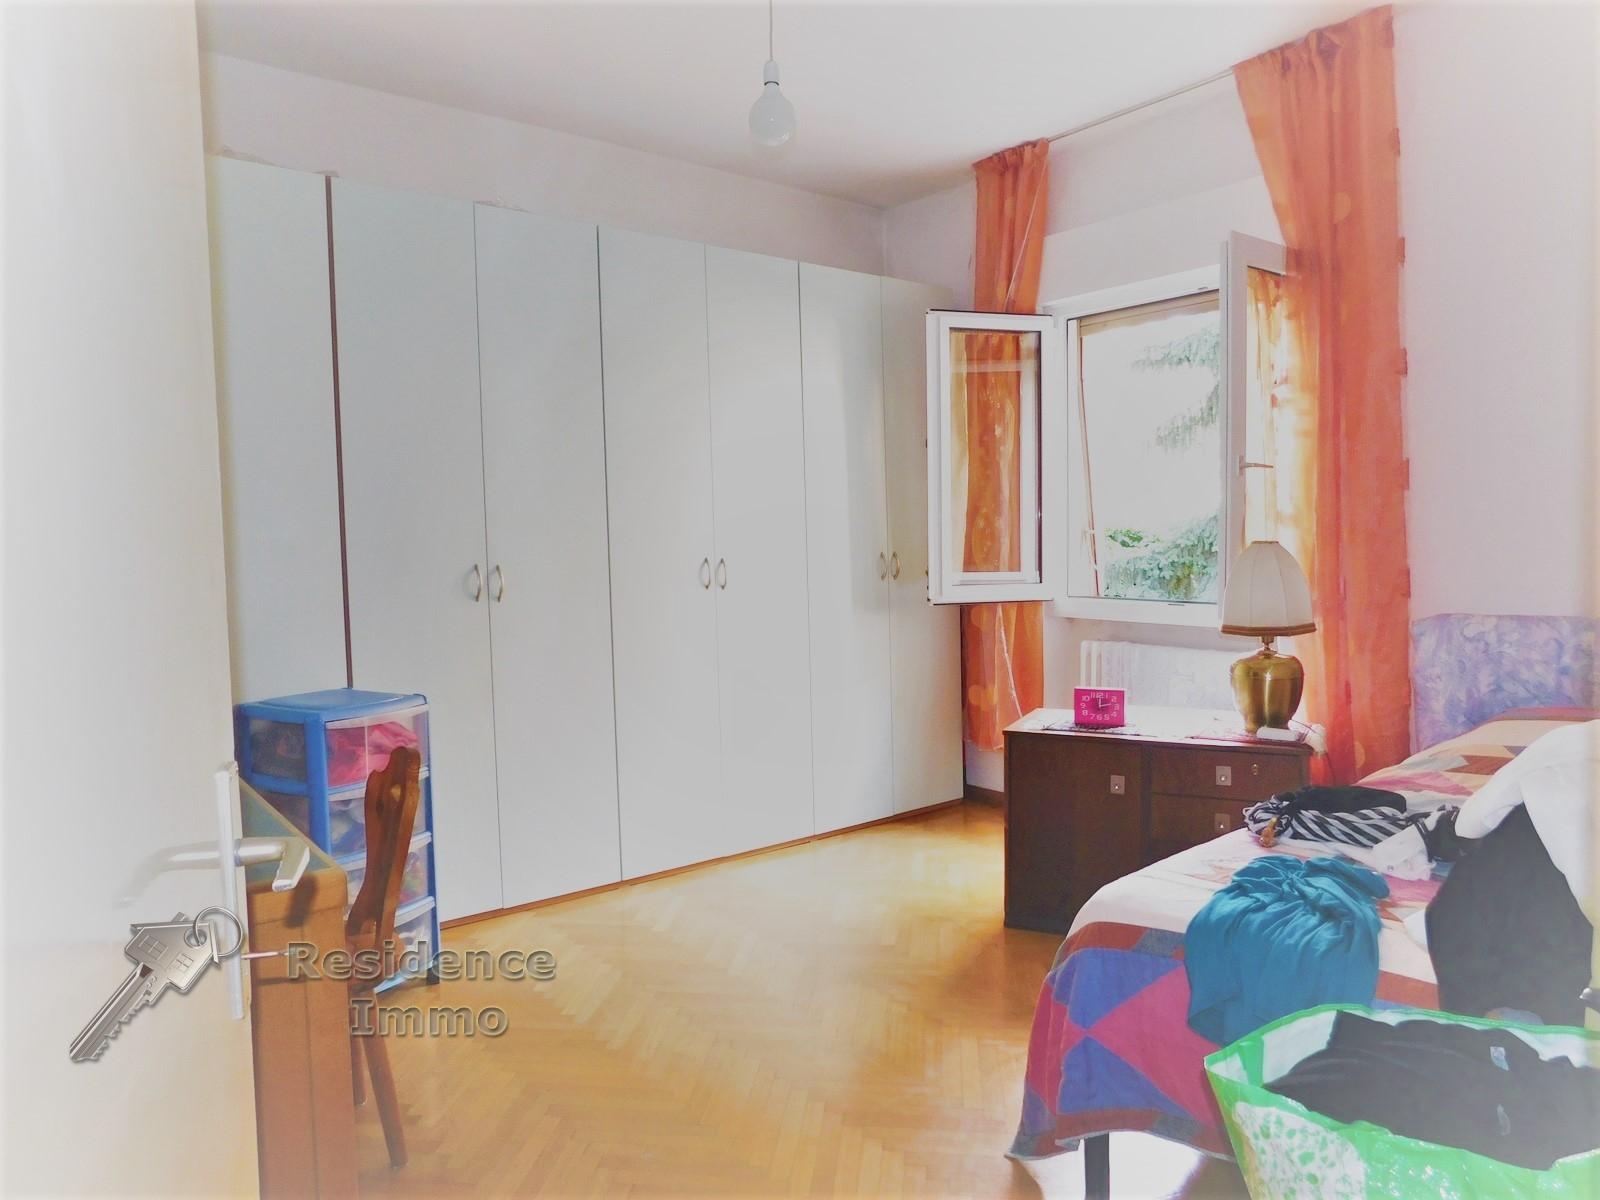 Appartamento in vendita a Bolzano, 4 locali, zona Zona: Residenziale, prezzo € 330.000   CambioCasa.it